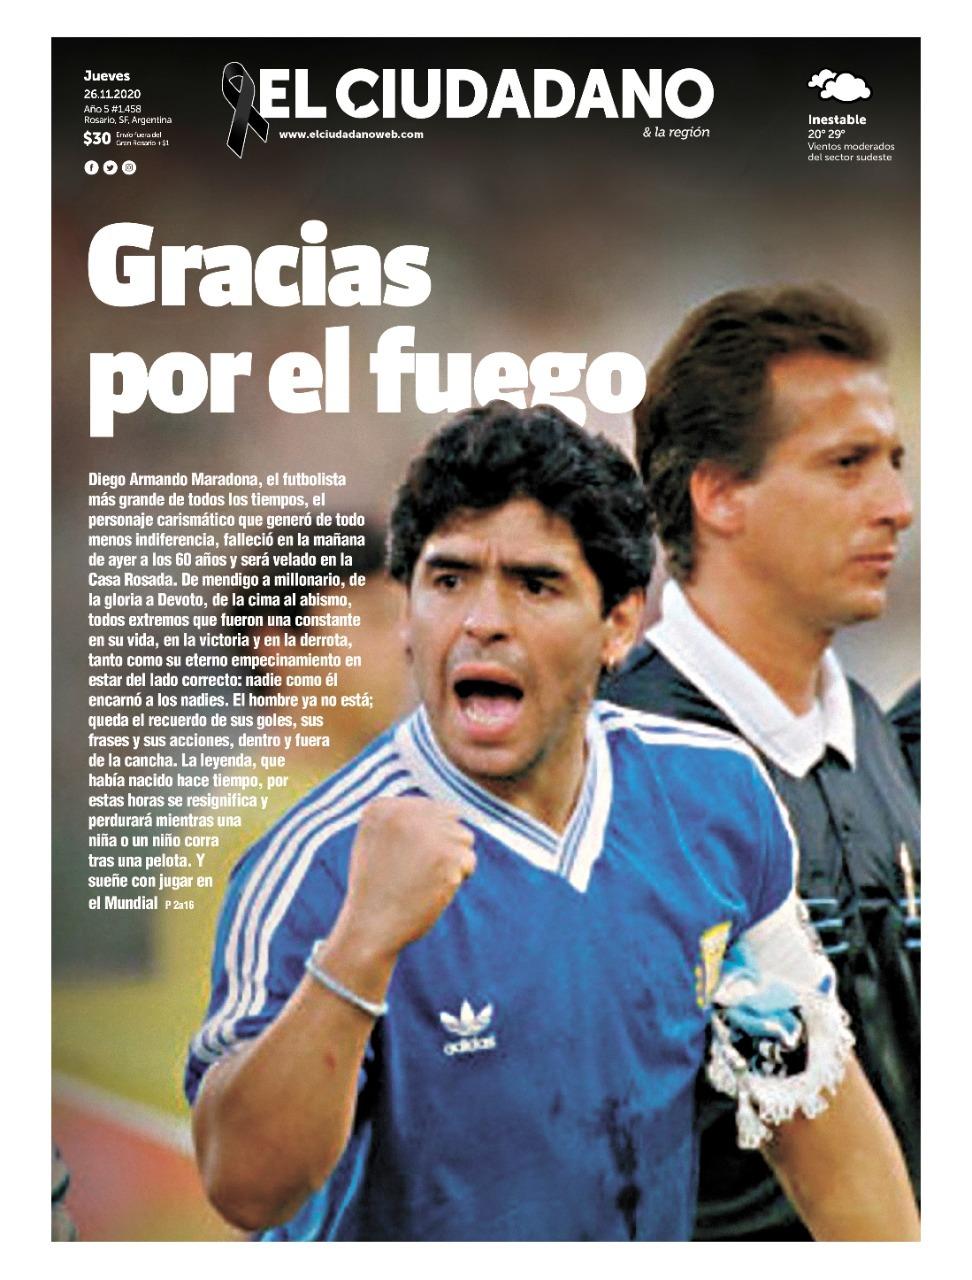 Fallece Diego Armando Maradona al sufrir un paro cardíaco  16063863002800